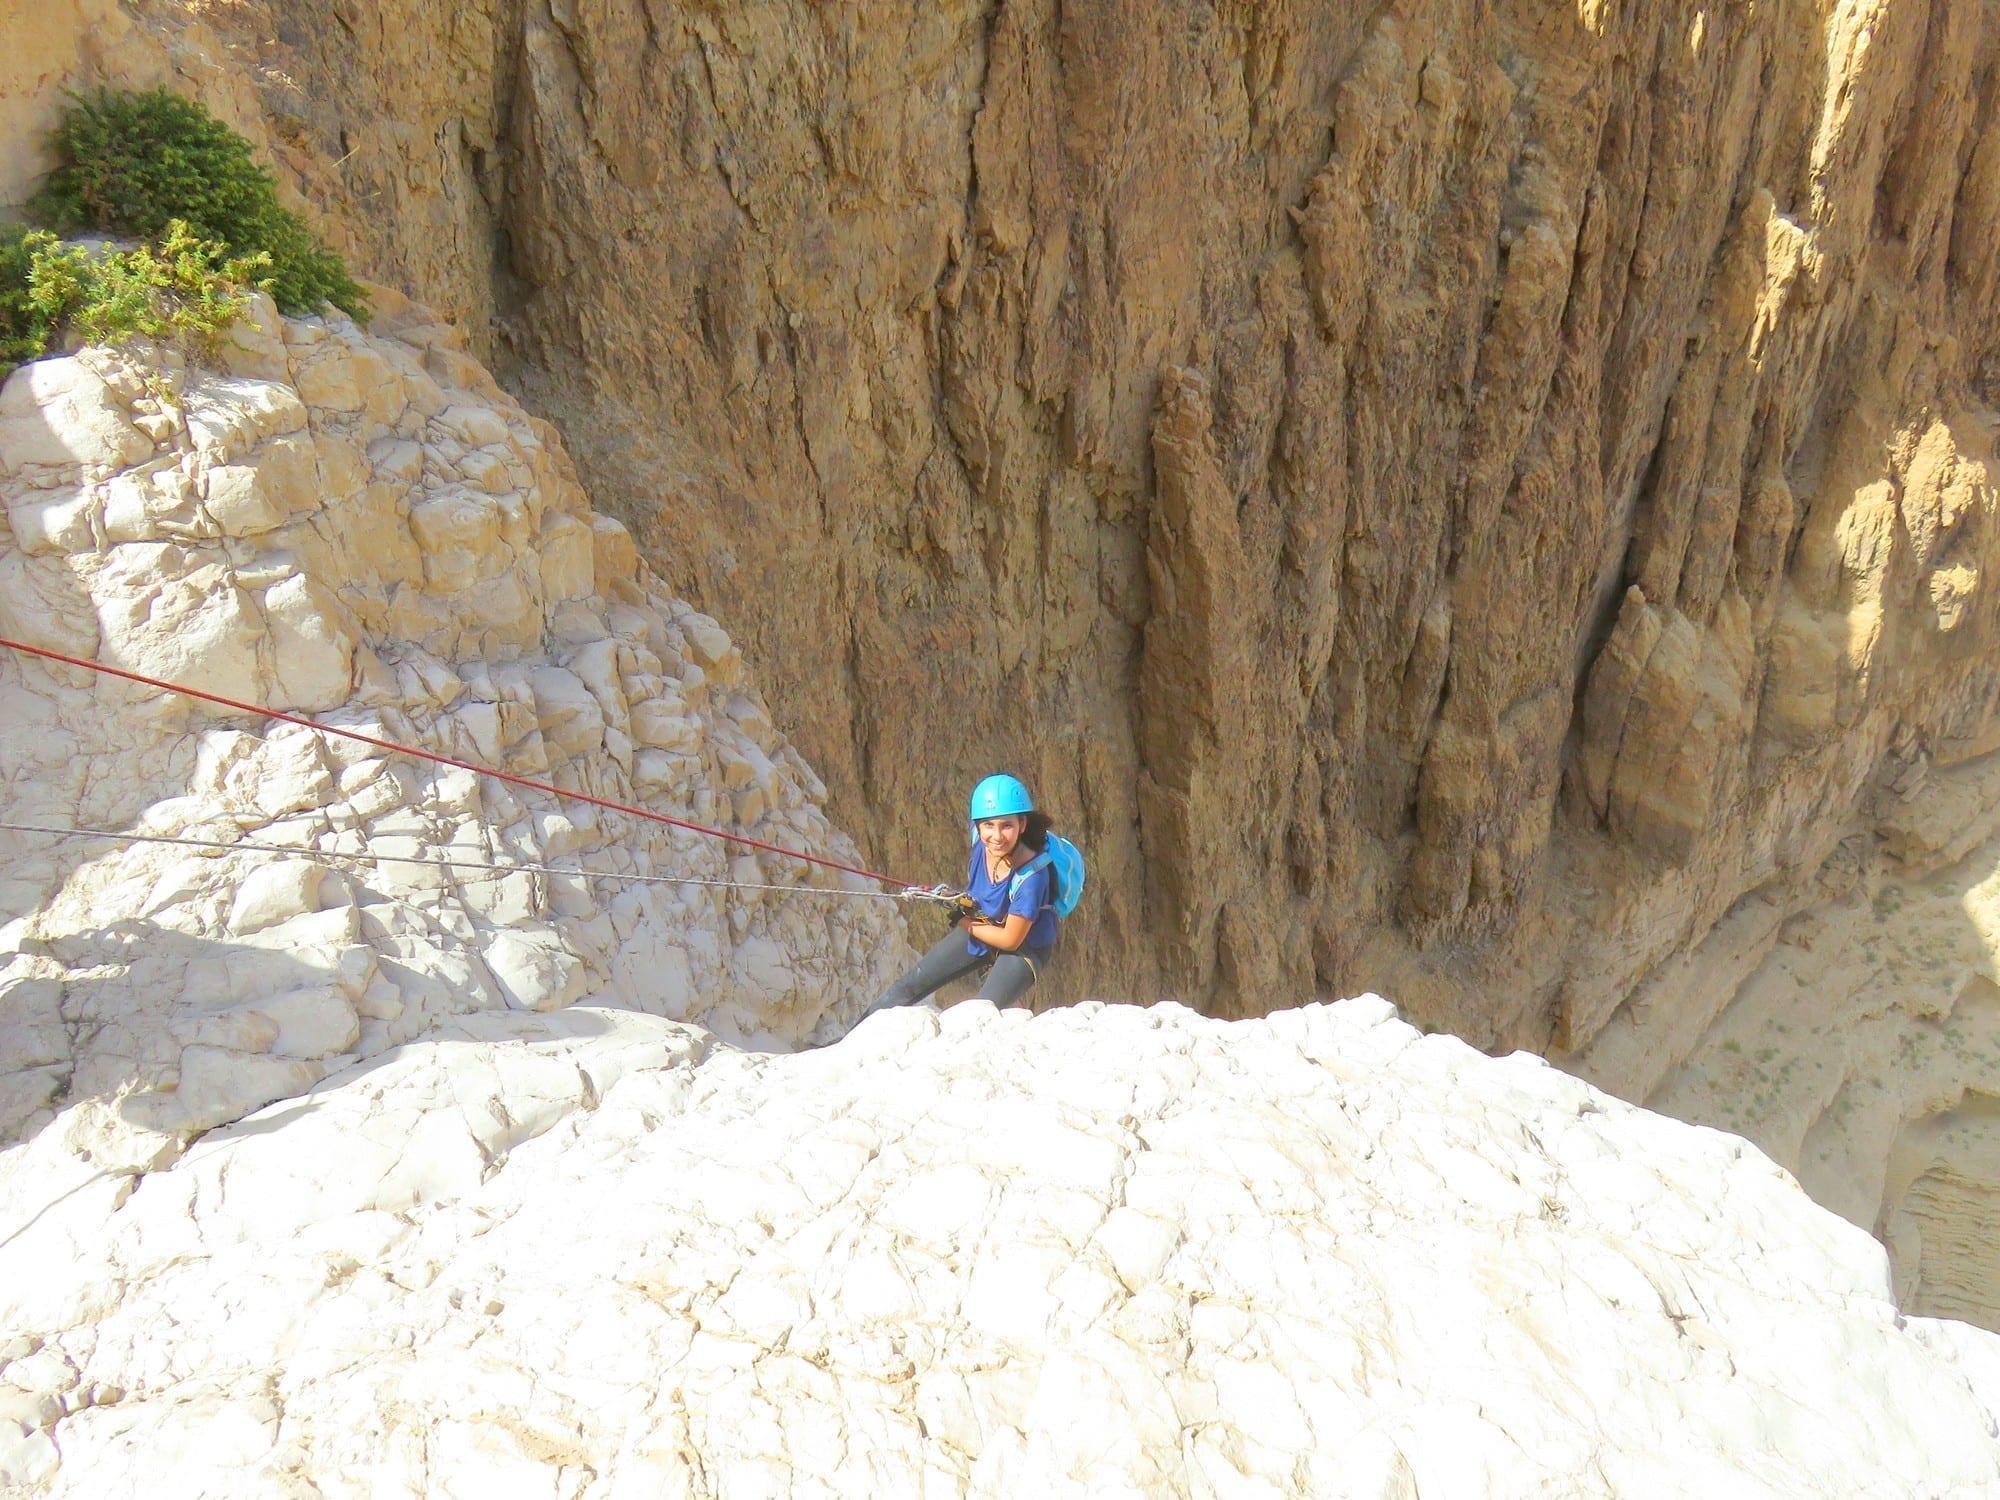 טיול סנפלינג נחל טור - מפל 85 מטרים - ערוצים בטבע